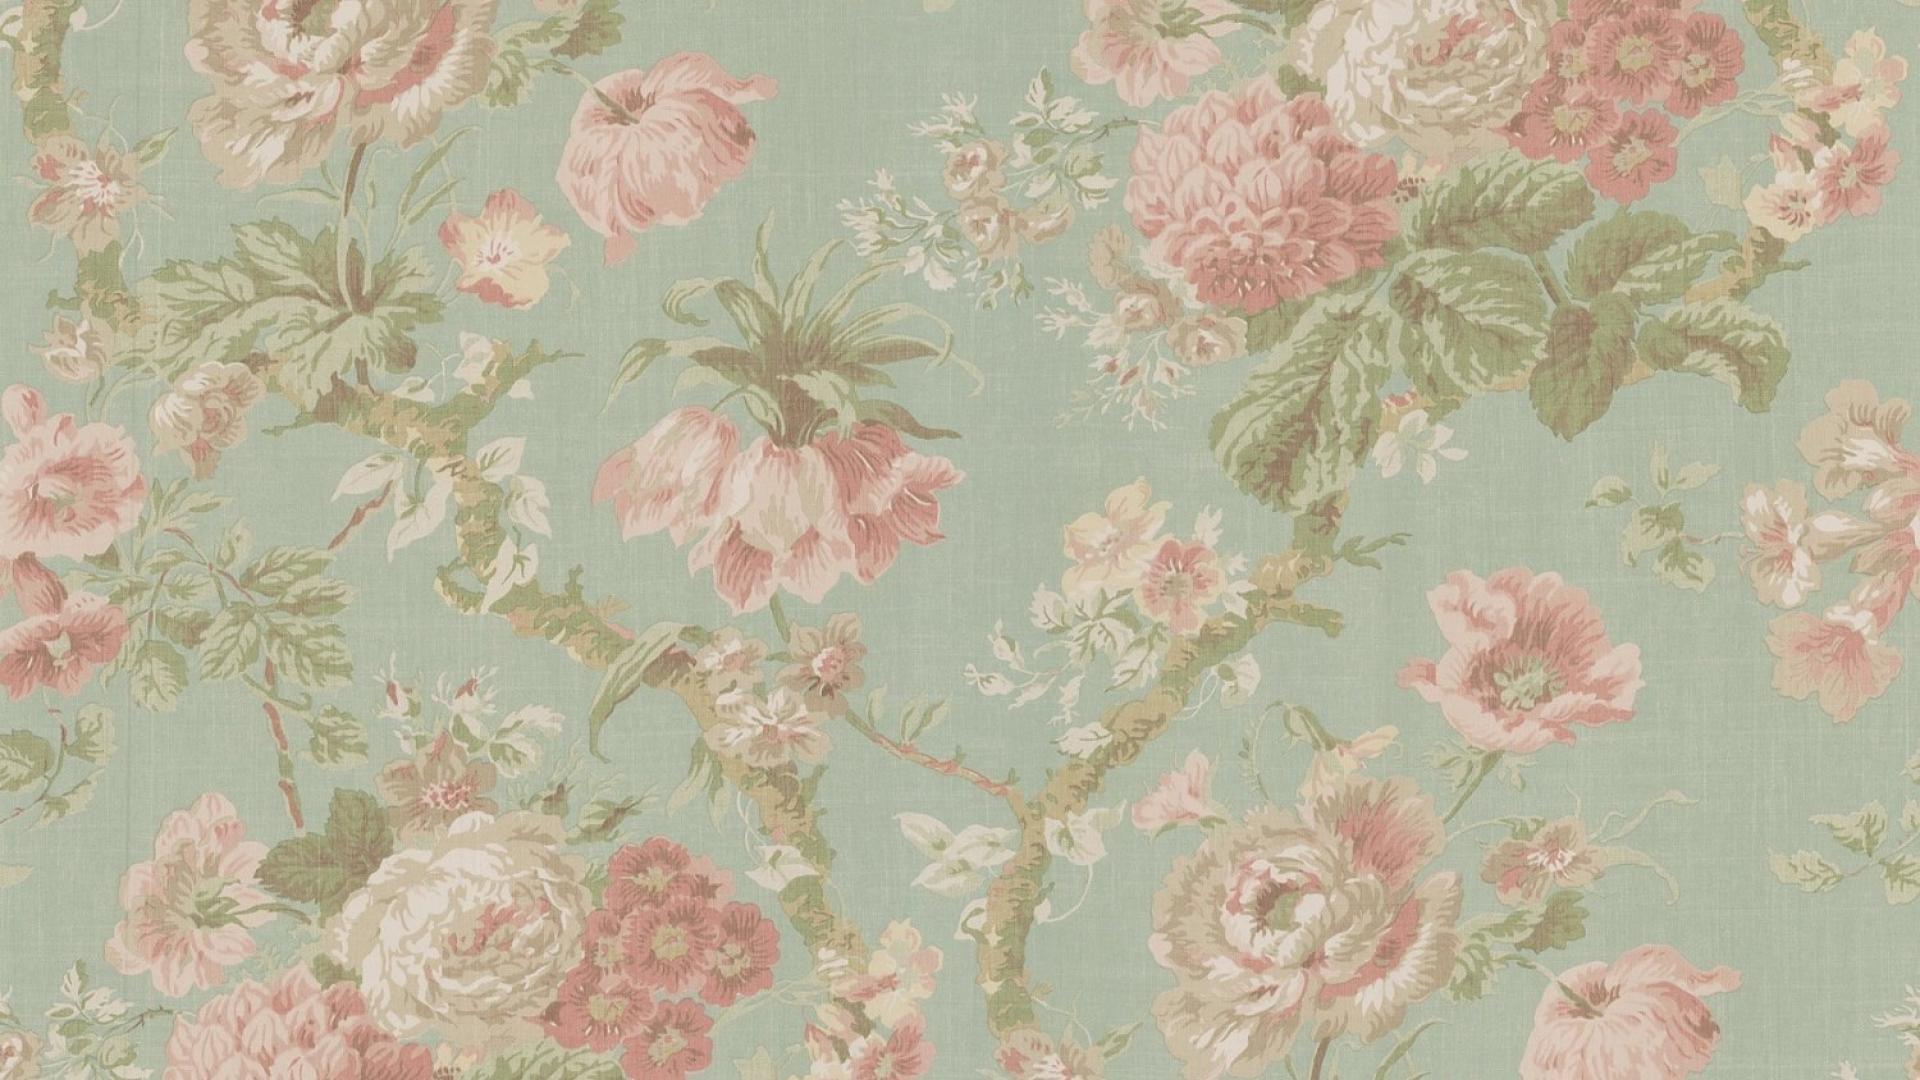 Res: 1920x1080, ... FZR-46: Vintage Flower Background Wallpapers for Desktop ...